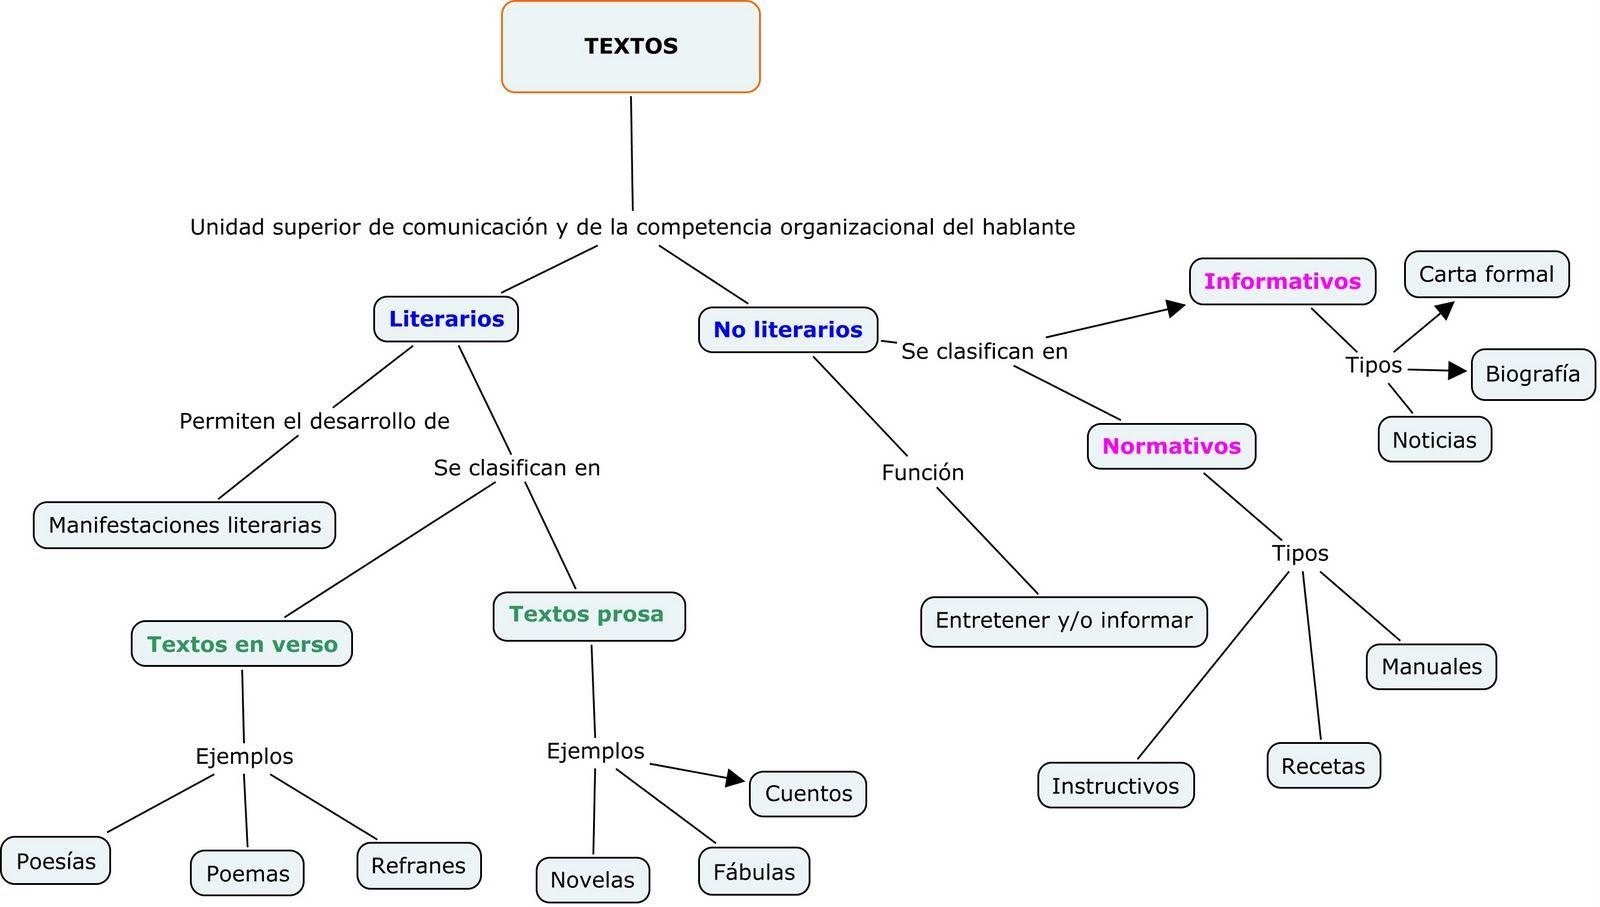 Recursos Didácticos Mapa Conceptual Textos Literarios Y No